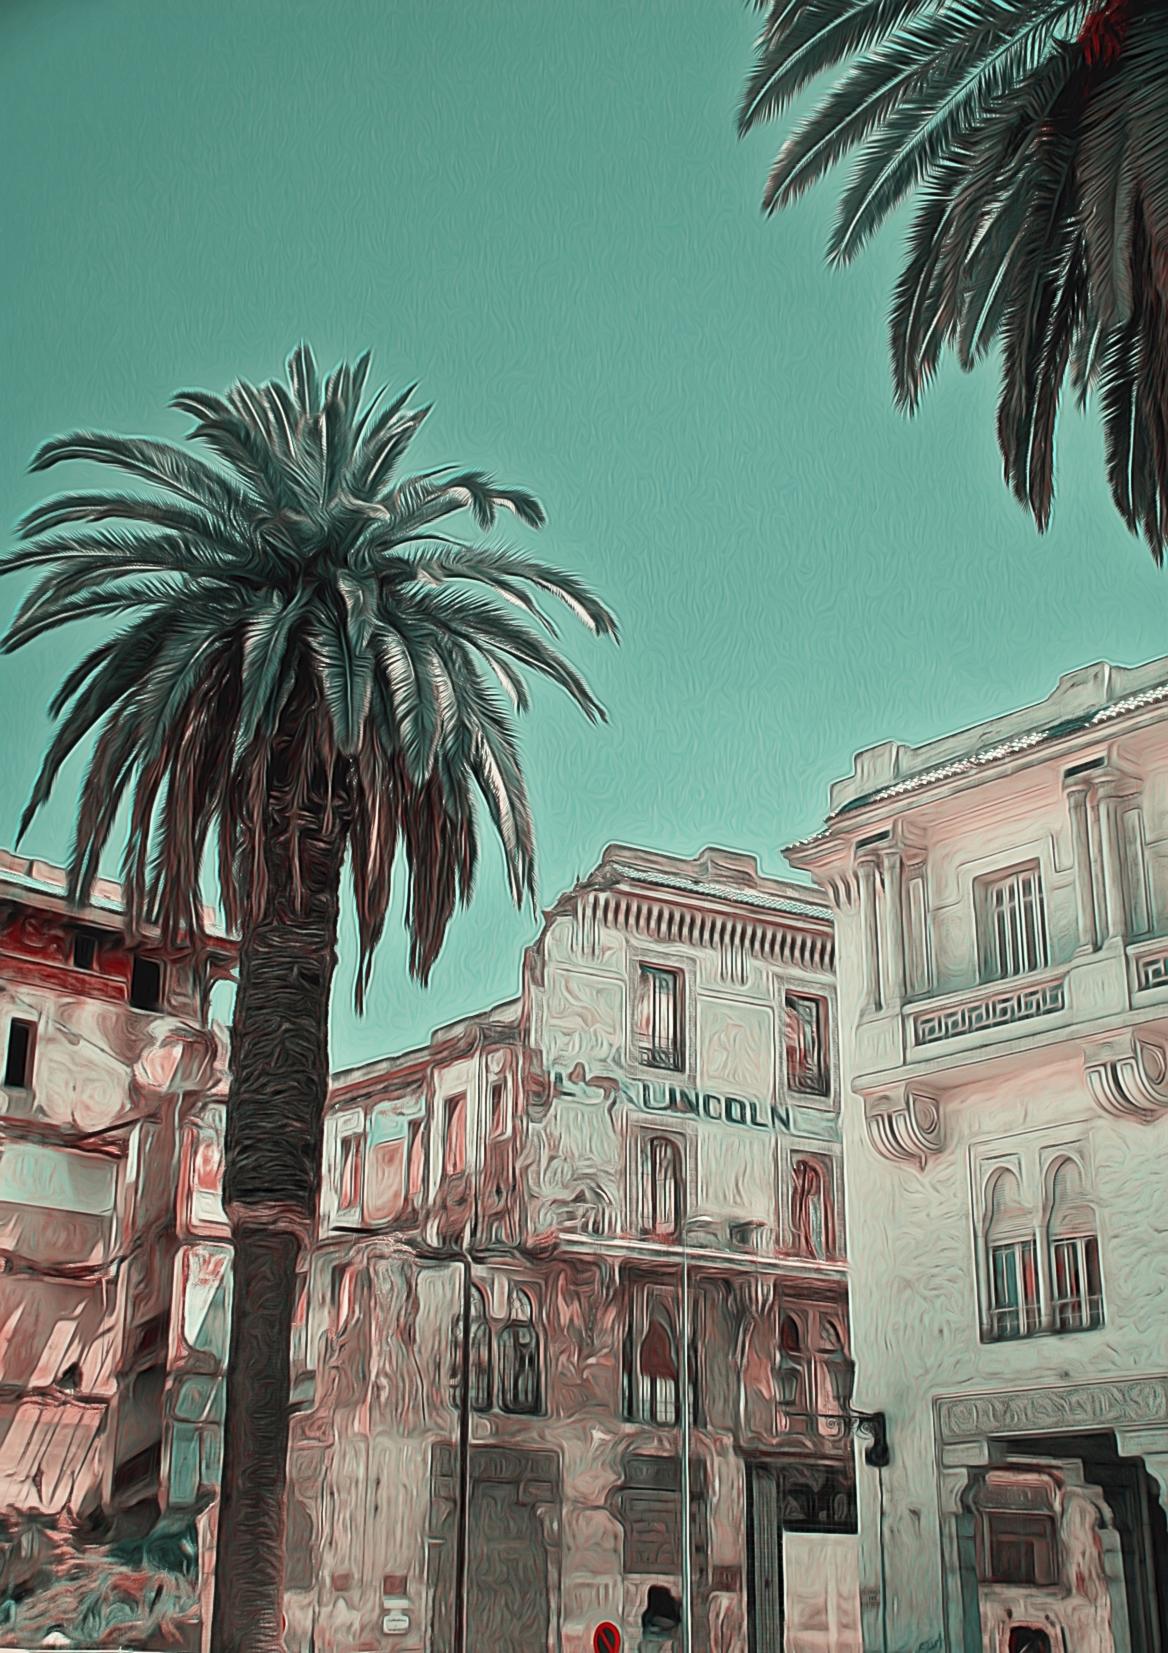 Lincoln_hotel_casablanka_Lika_Ramati